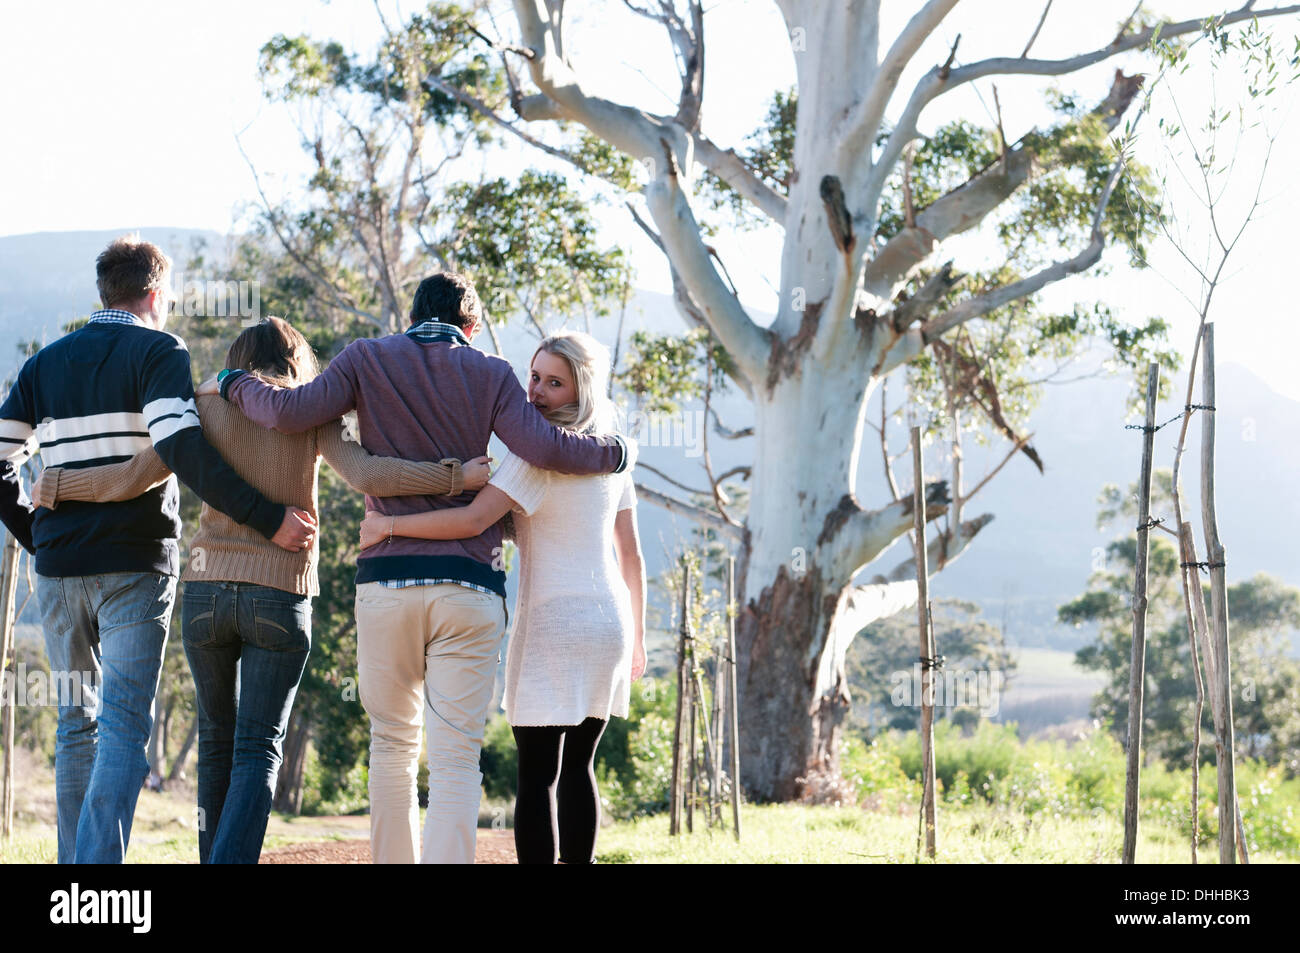 Amigos caminando por el campo con los brazos alrededor de Imagen De Stock